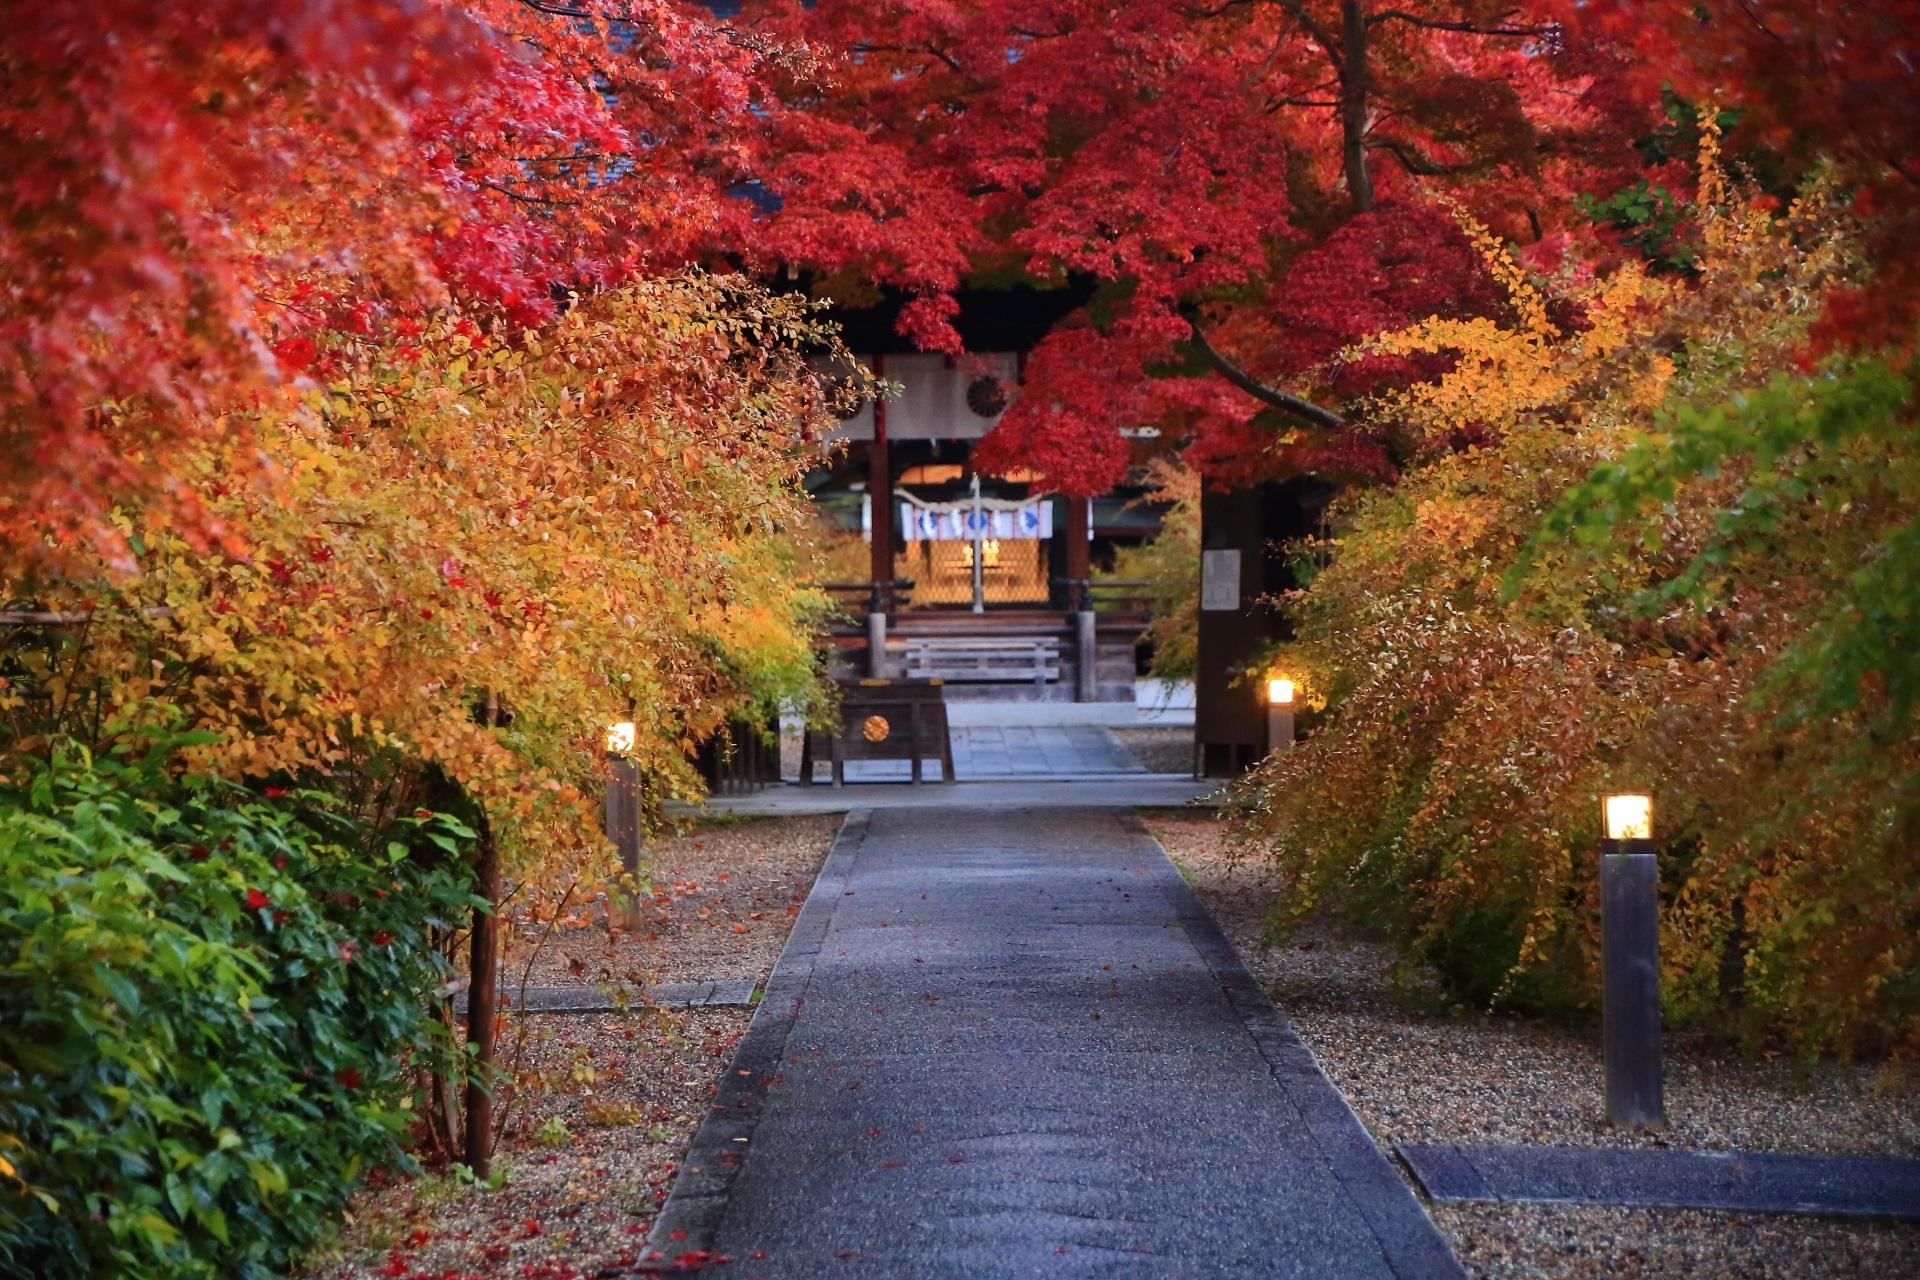 梨木神社のお互い引き立てあうオレンジの萩と赤い紅葉